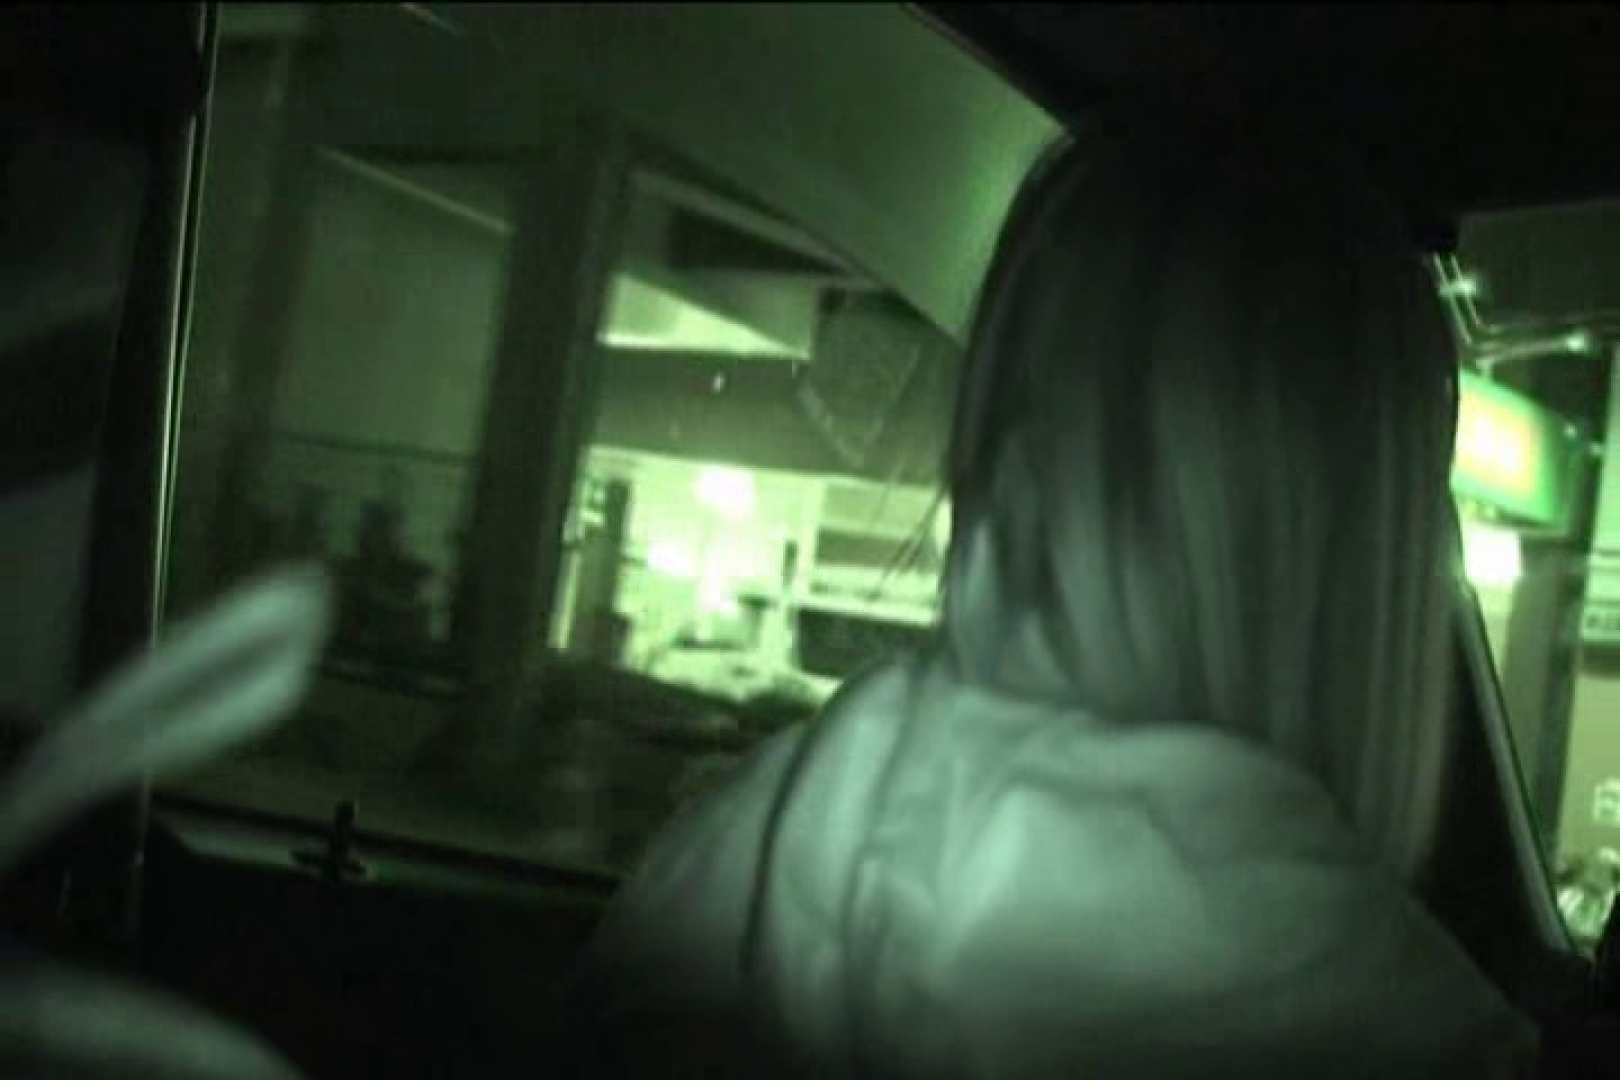 車内で初めまして! vol03 いやらしいOL AV動画キャプチャ 63連発 8